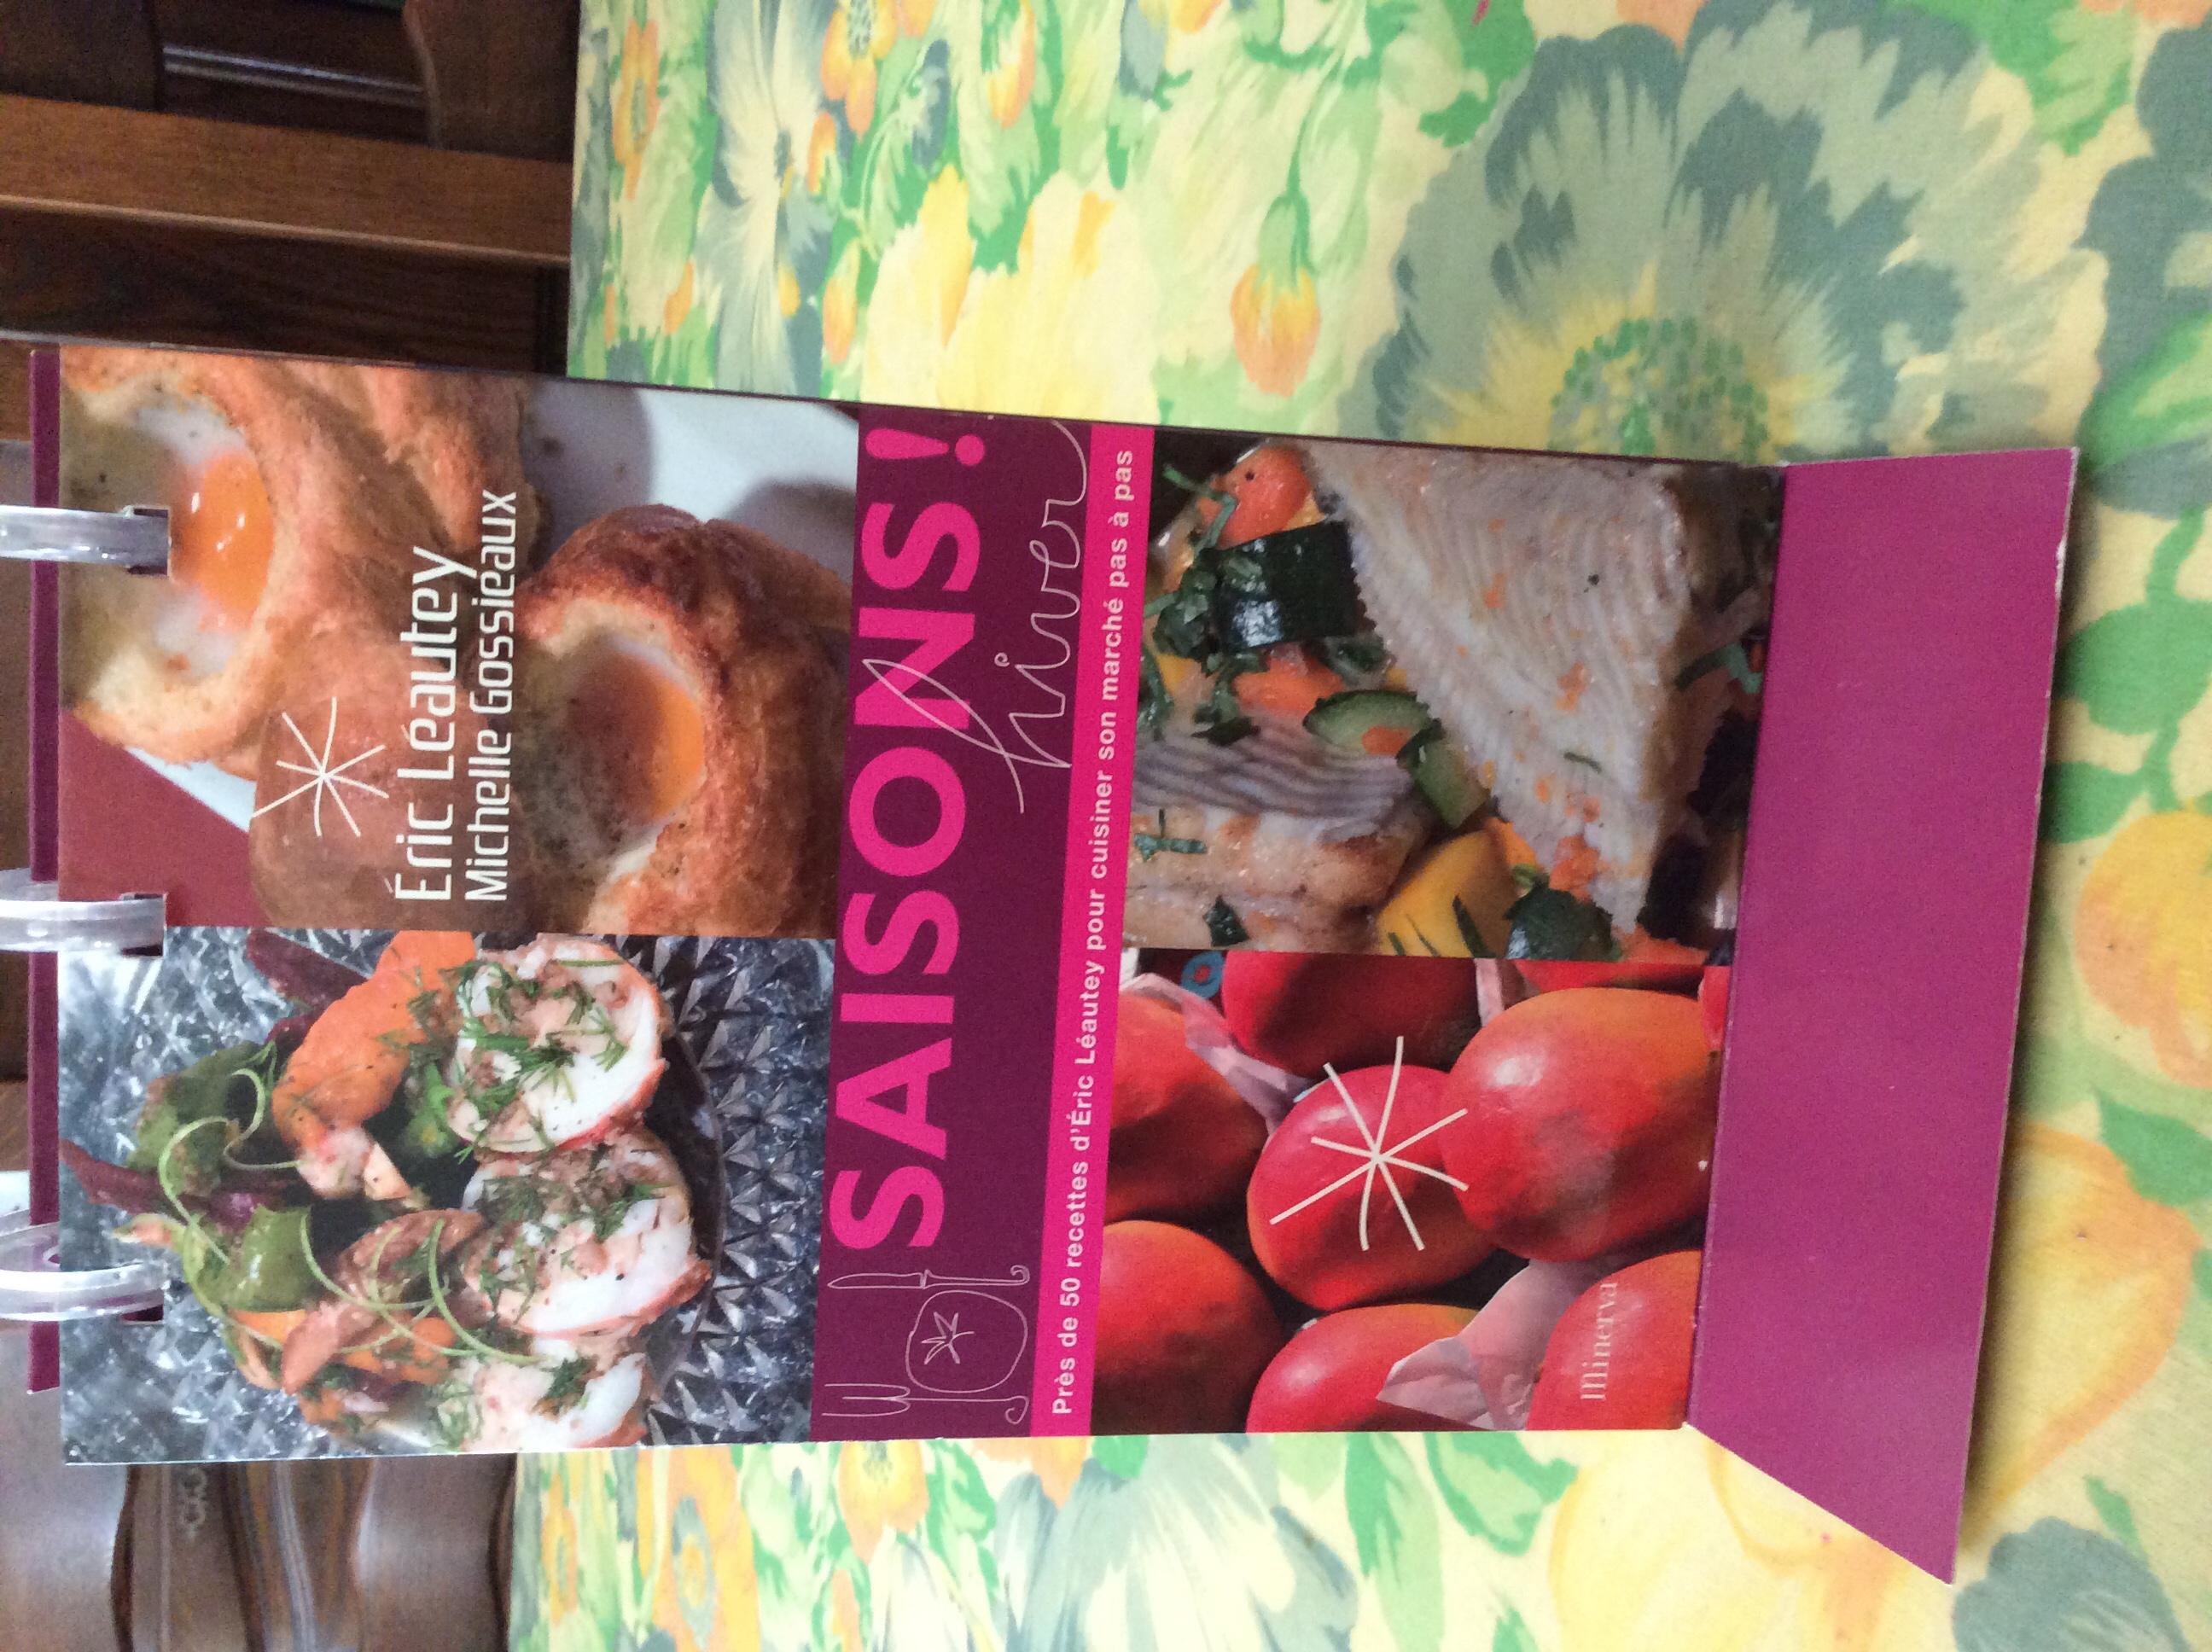 livres de cuisine occasion annonces achat et vente de livres de cuisine paruvendu mondebarras. Black Bedroom Furniture Sets. Home Design Ideas